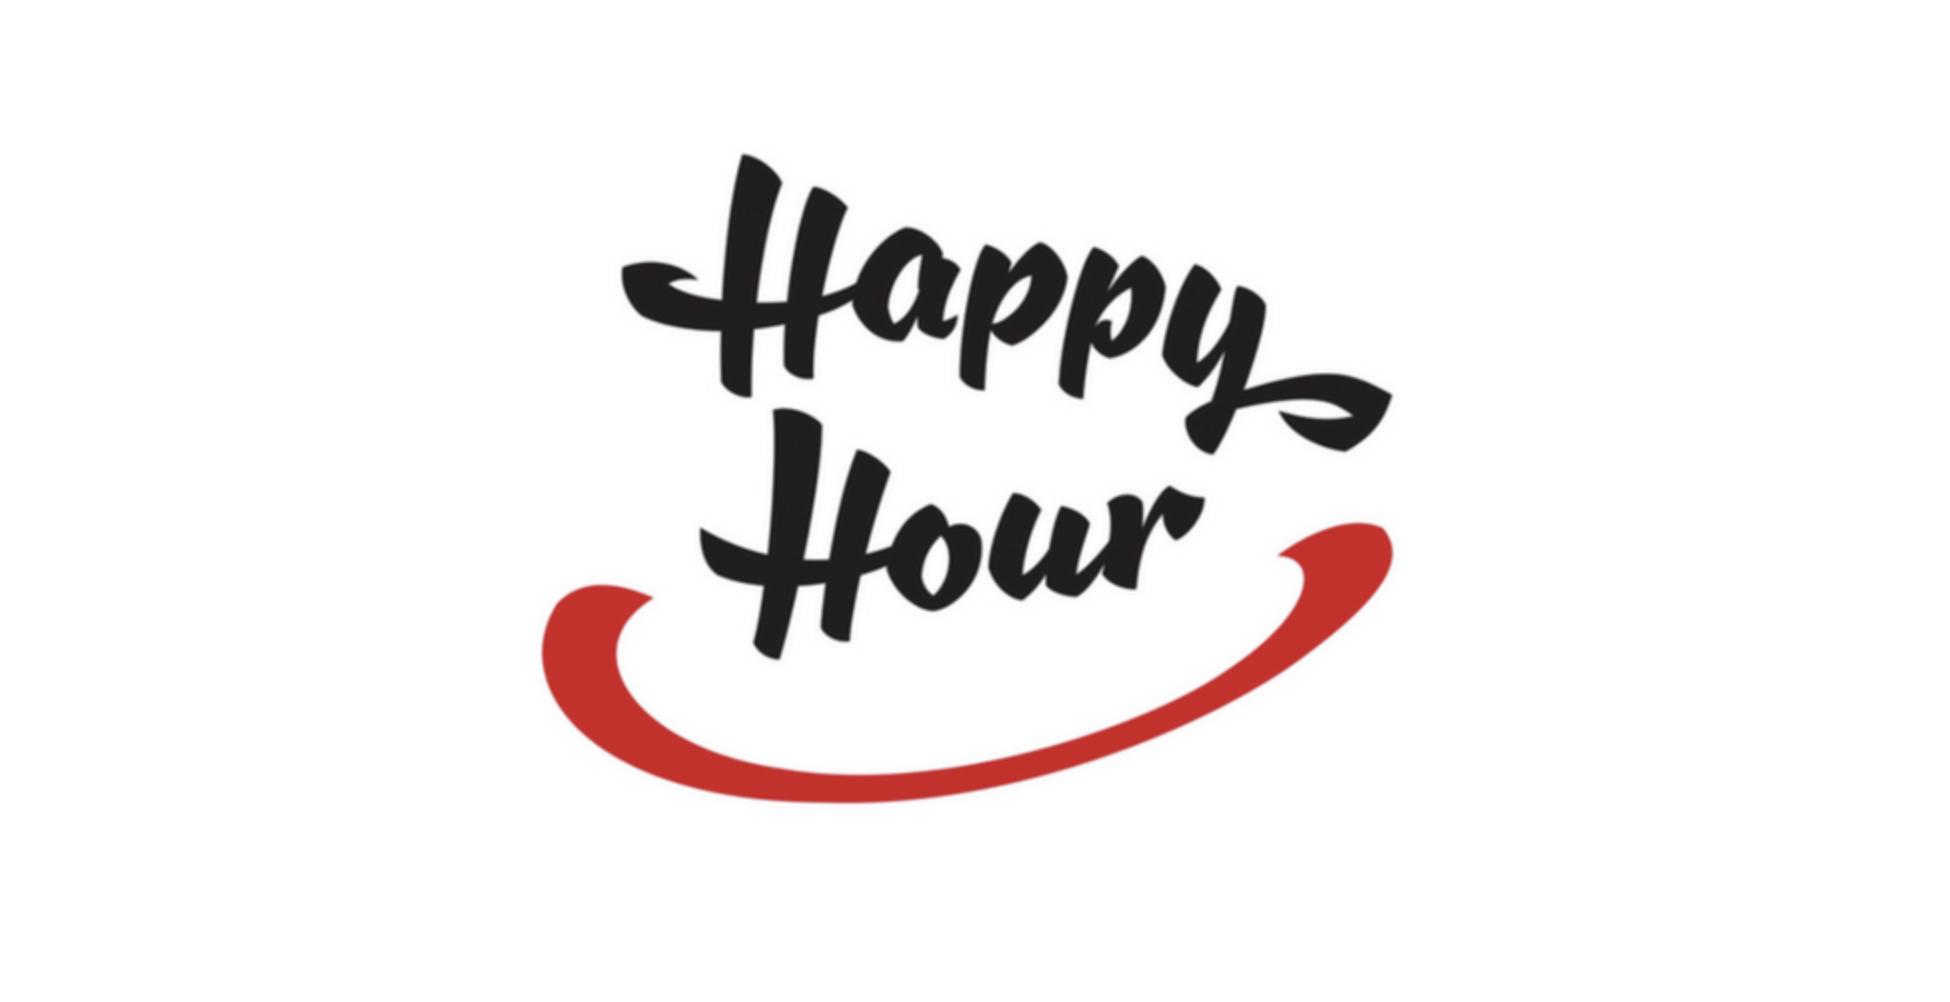 Milenium Happy Hours. Co to jest?